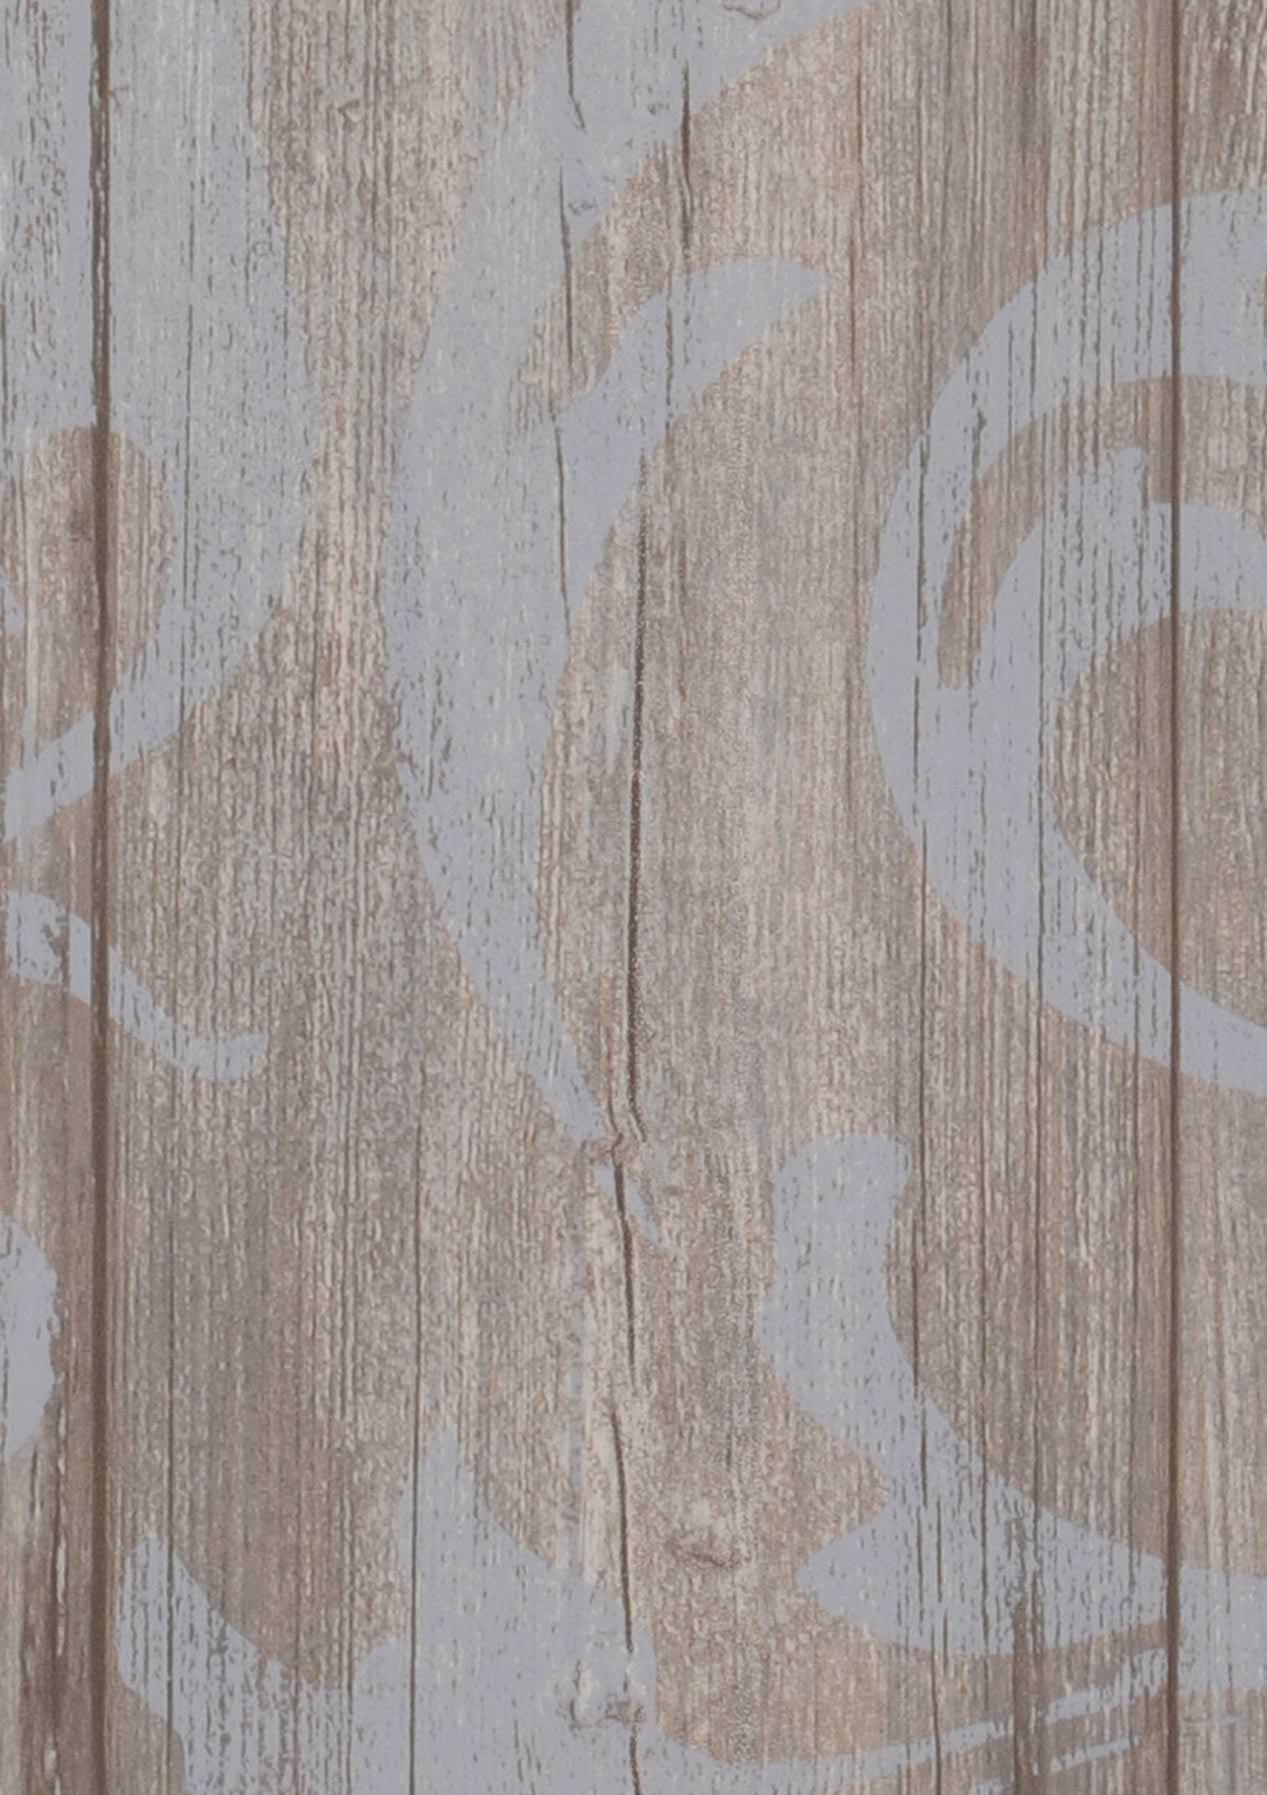 Tapete medusa wood blassblau blassgraubraun graubraun for Tapete taubenblau